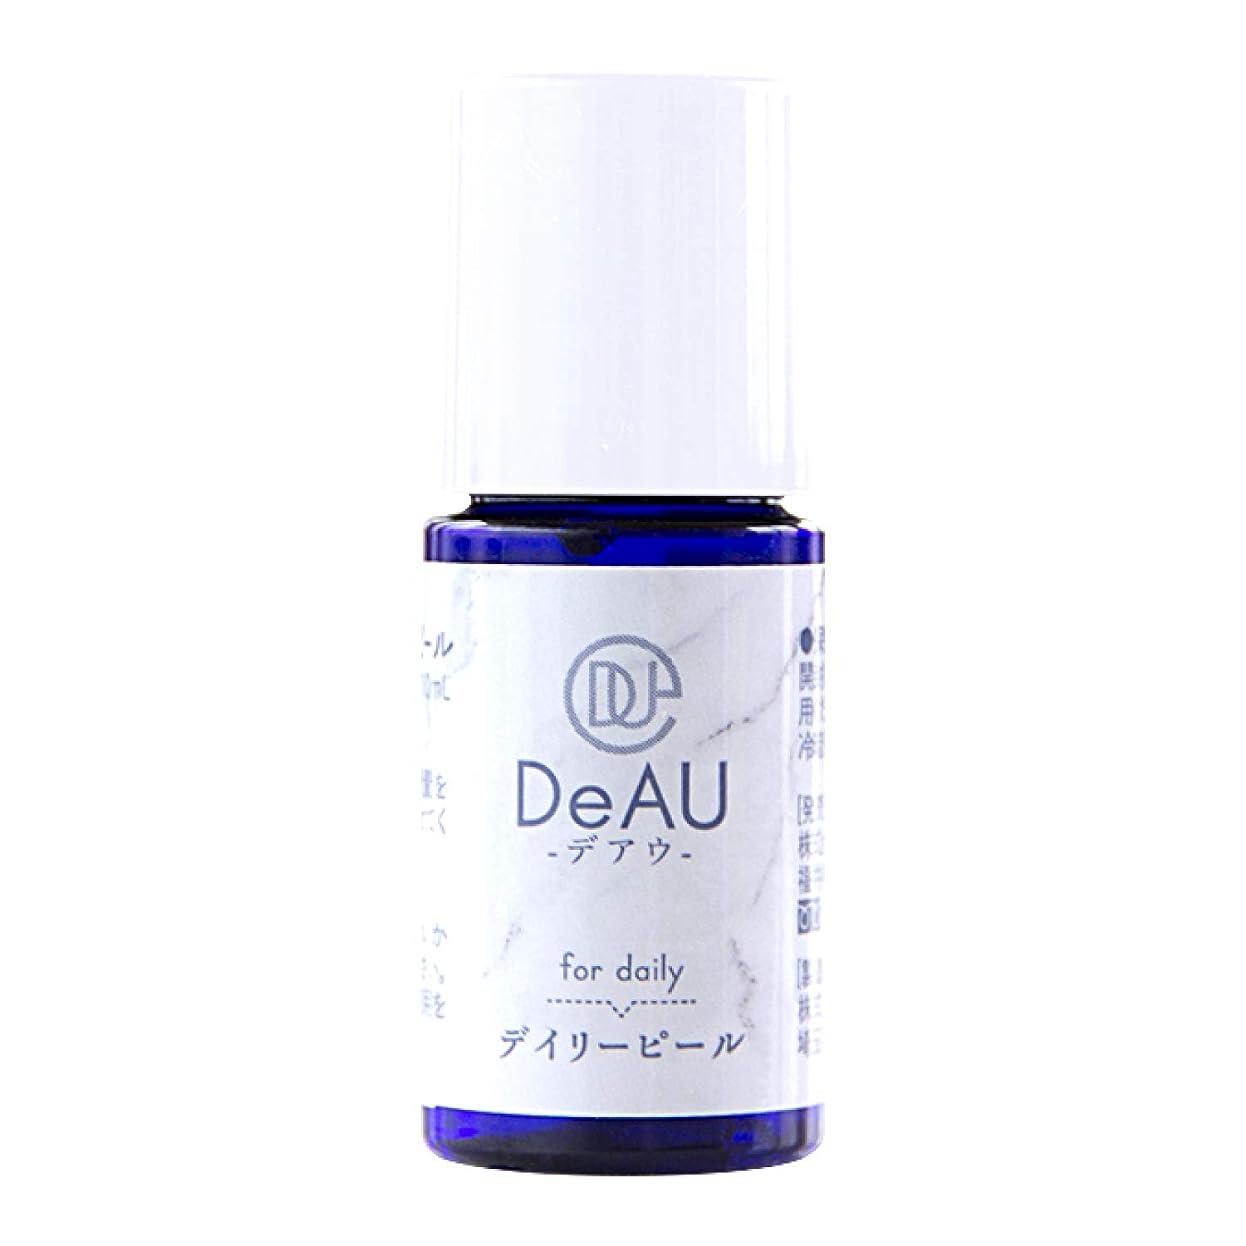 評価する経過に向かってDeAU デアウ デイリーピール ミニ 角質柔軟美容液 10mL